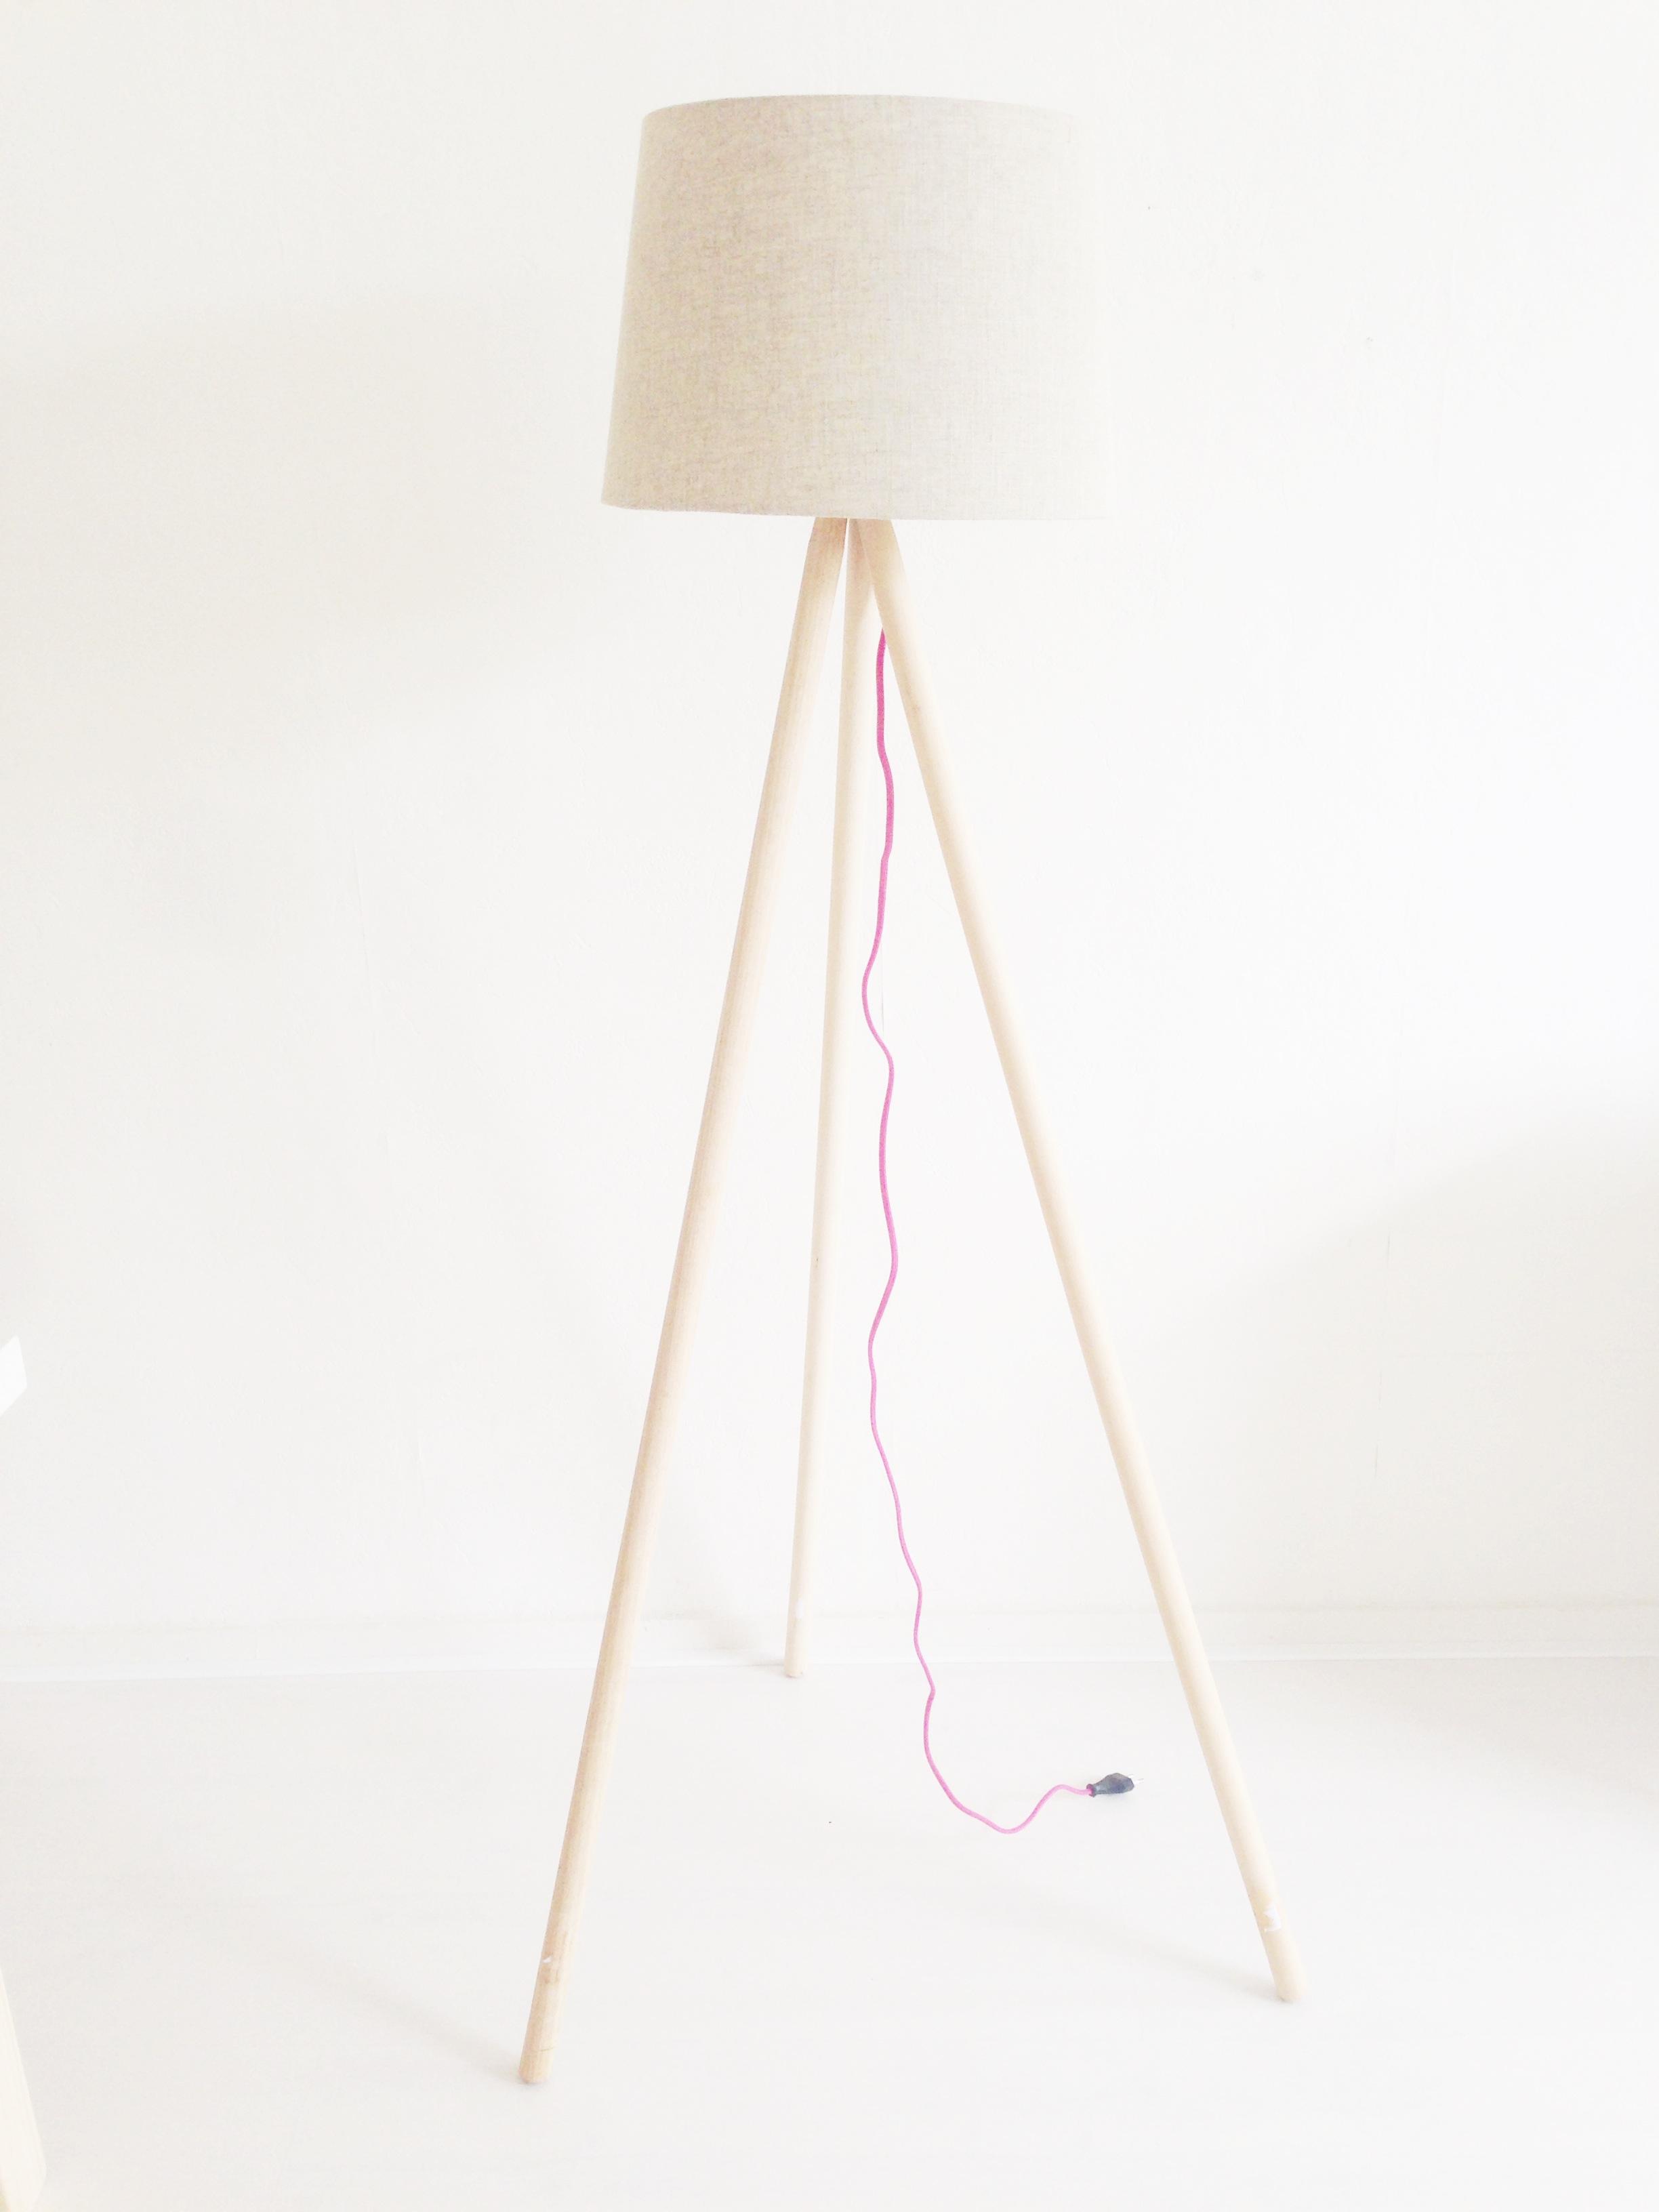 Favoriete Do it yourself: lamp van bezemstelen - donebymyself &YW77